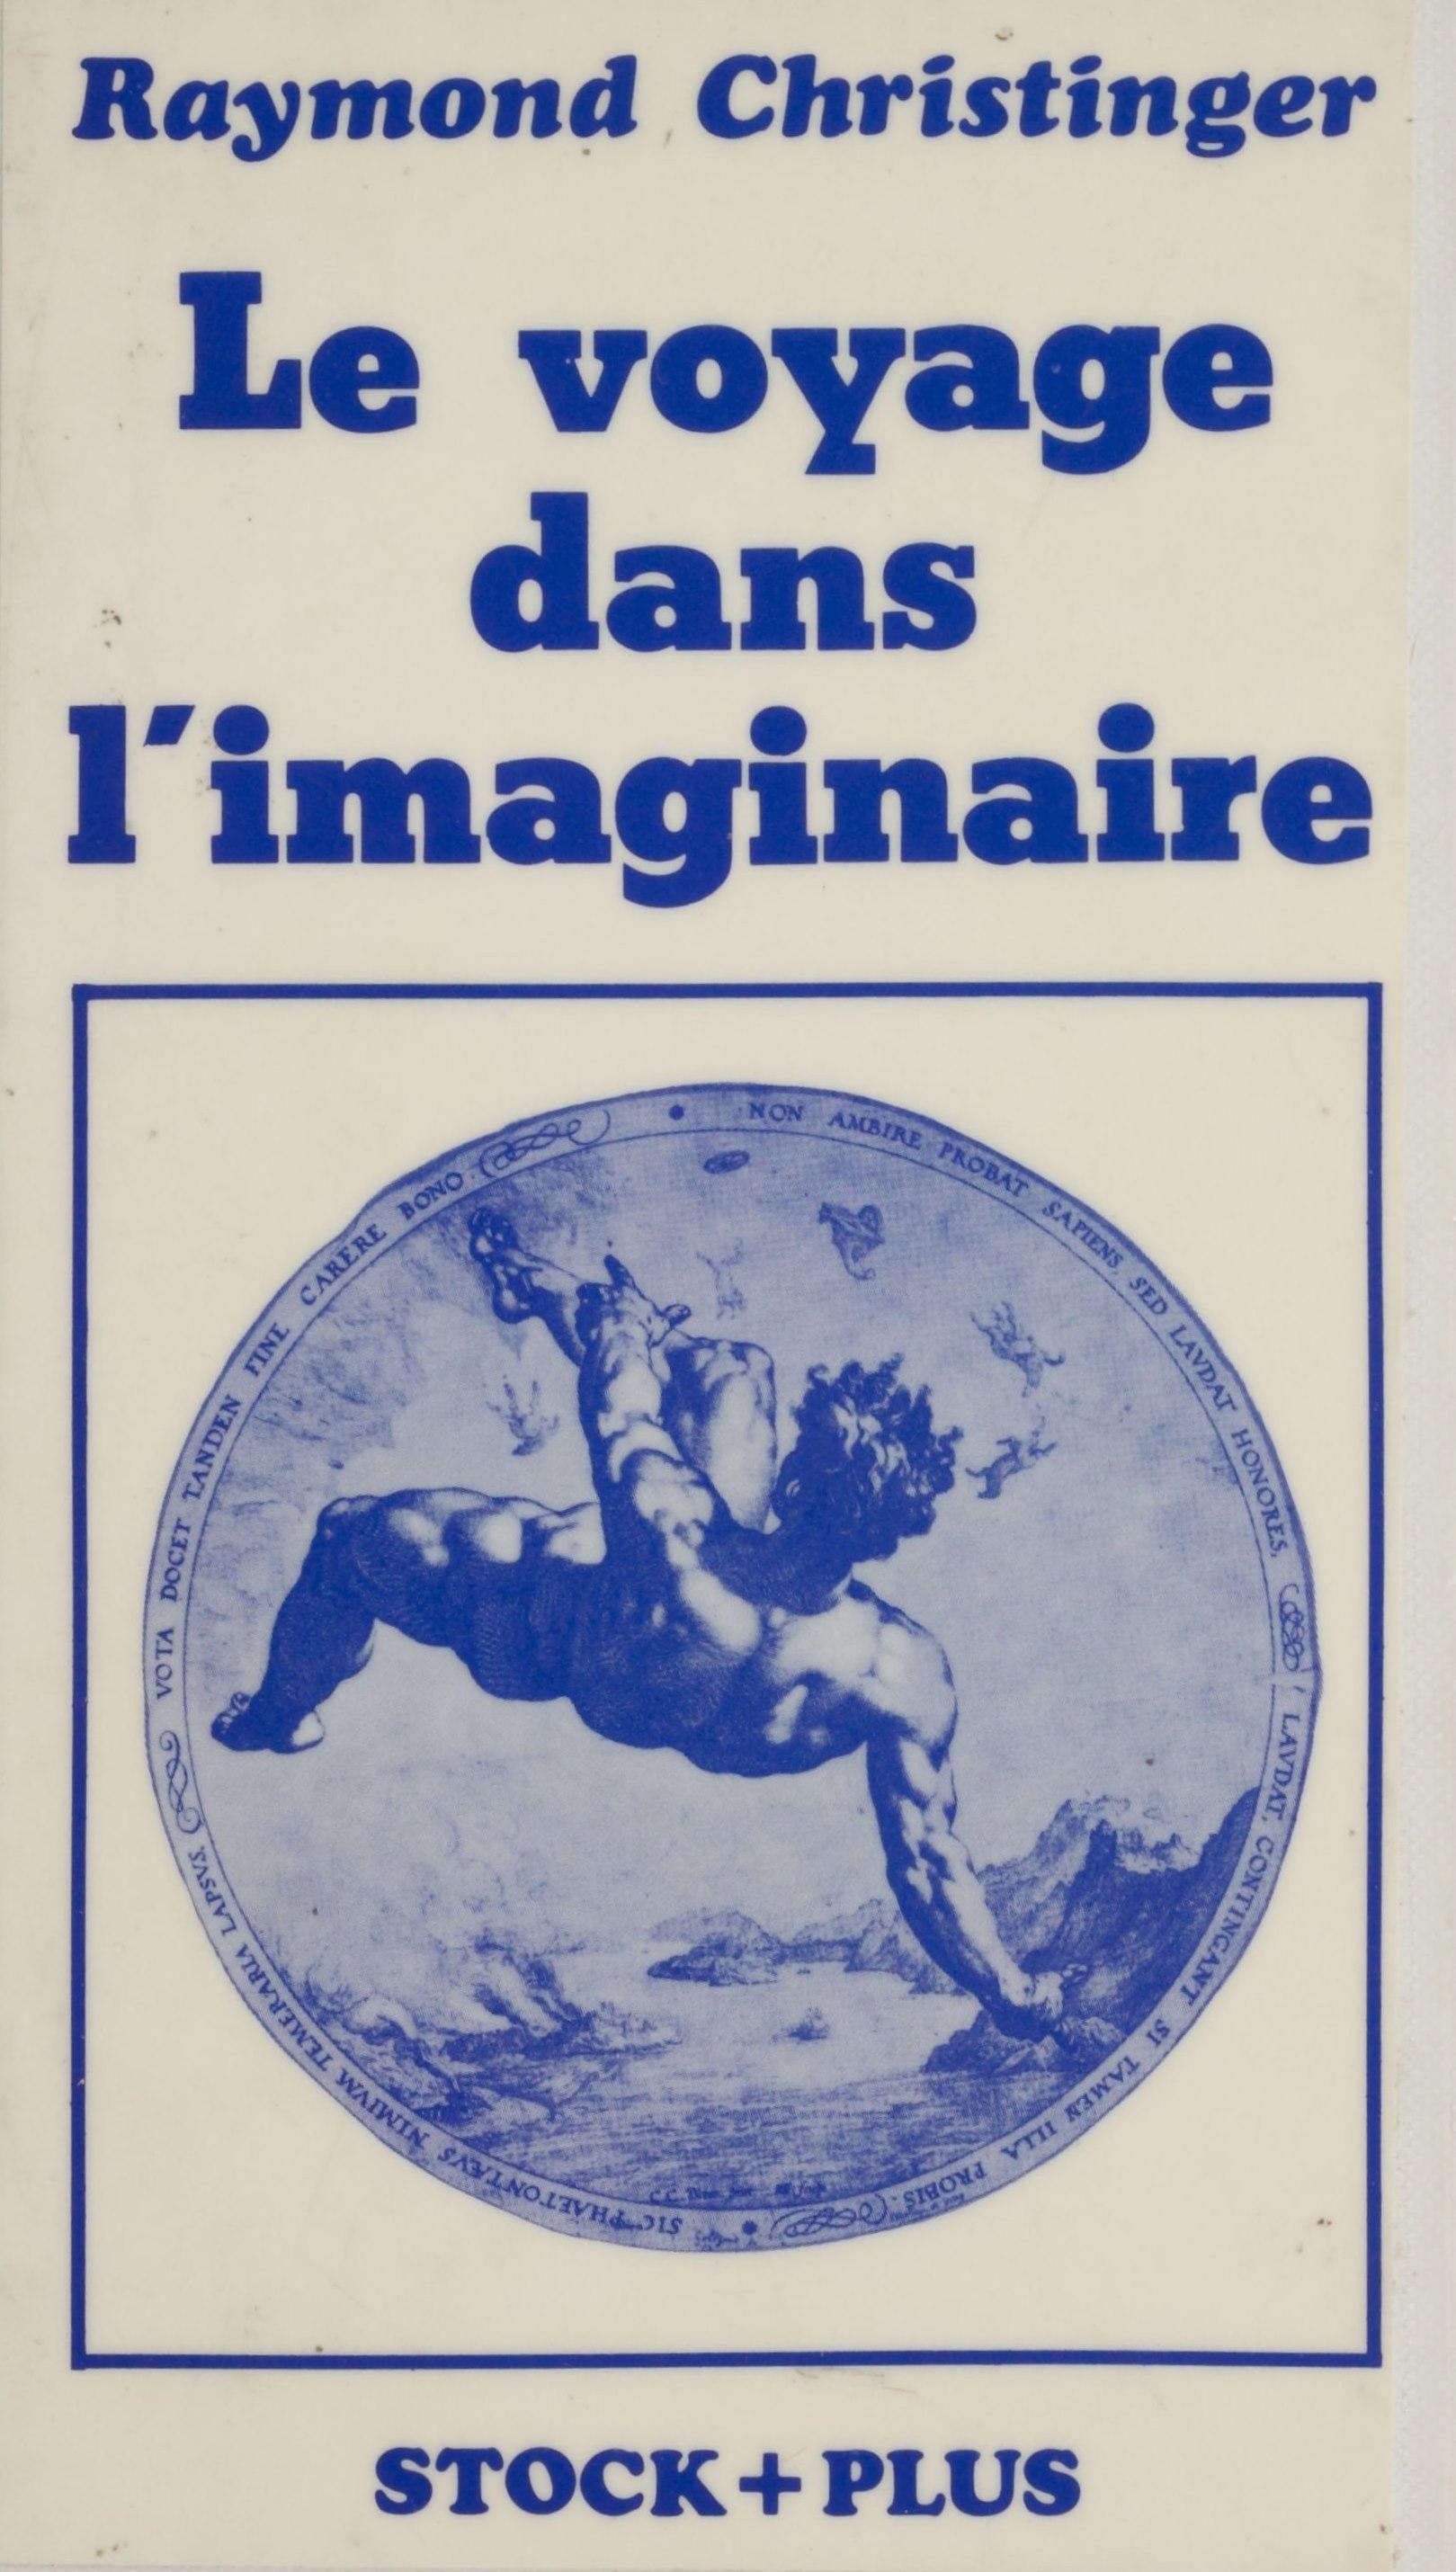 Le Voyage dans l'imaginaire